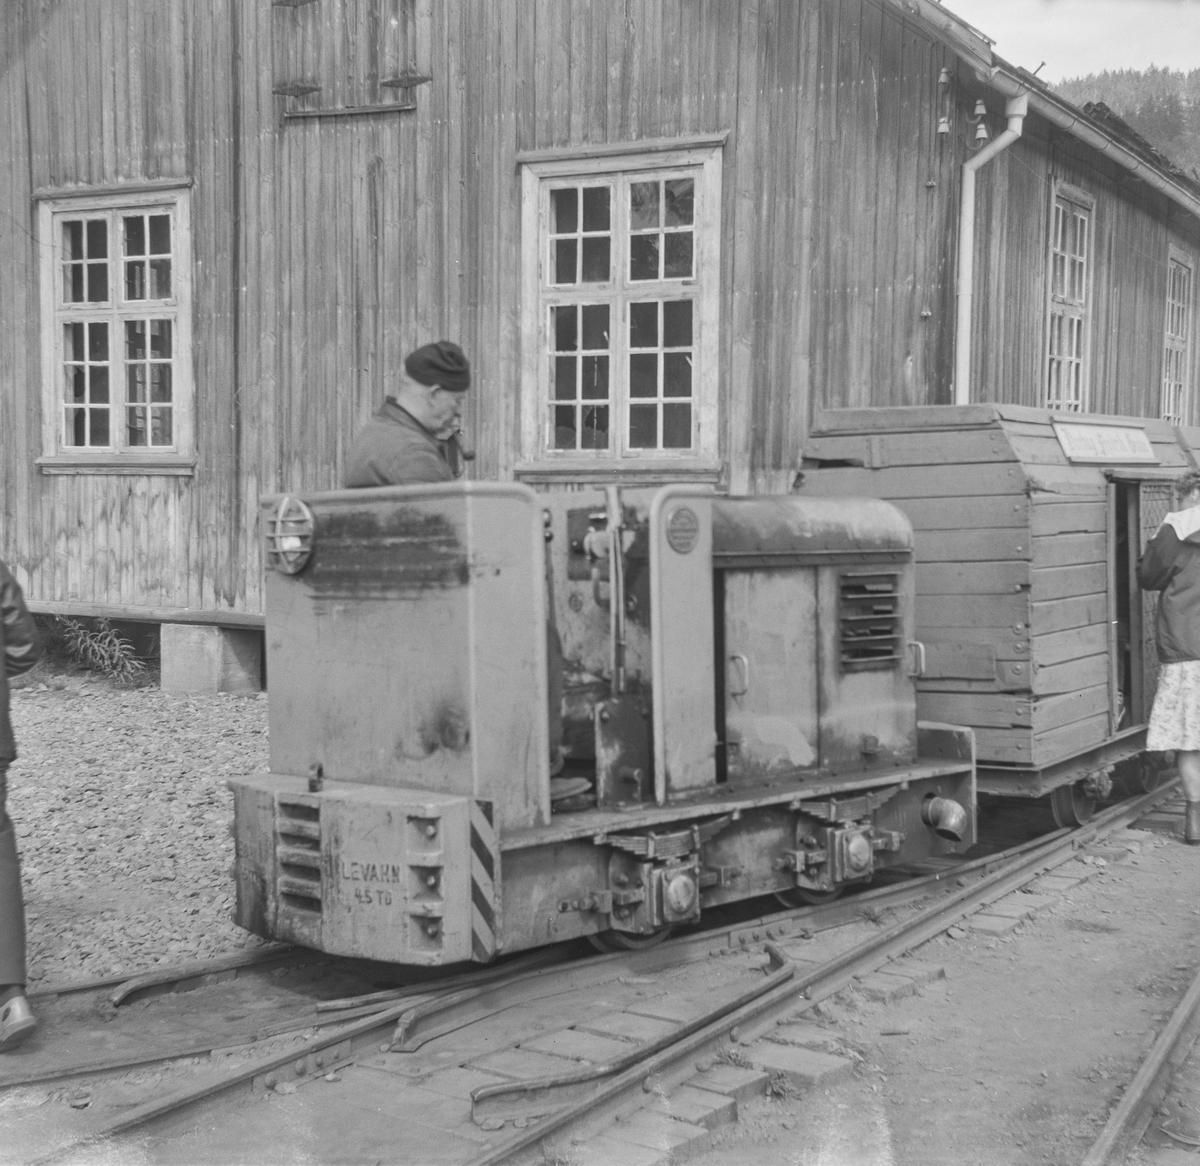 Diesellokomotiv bygget av Levahn for Sølvgruvetoget på Kongsberg.